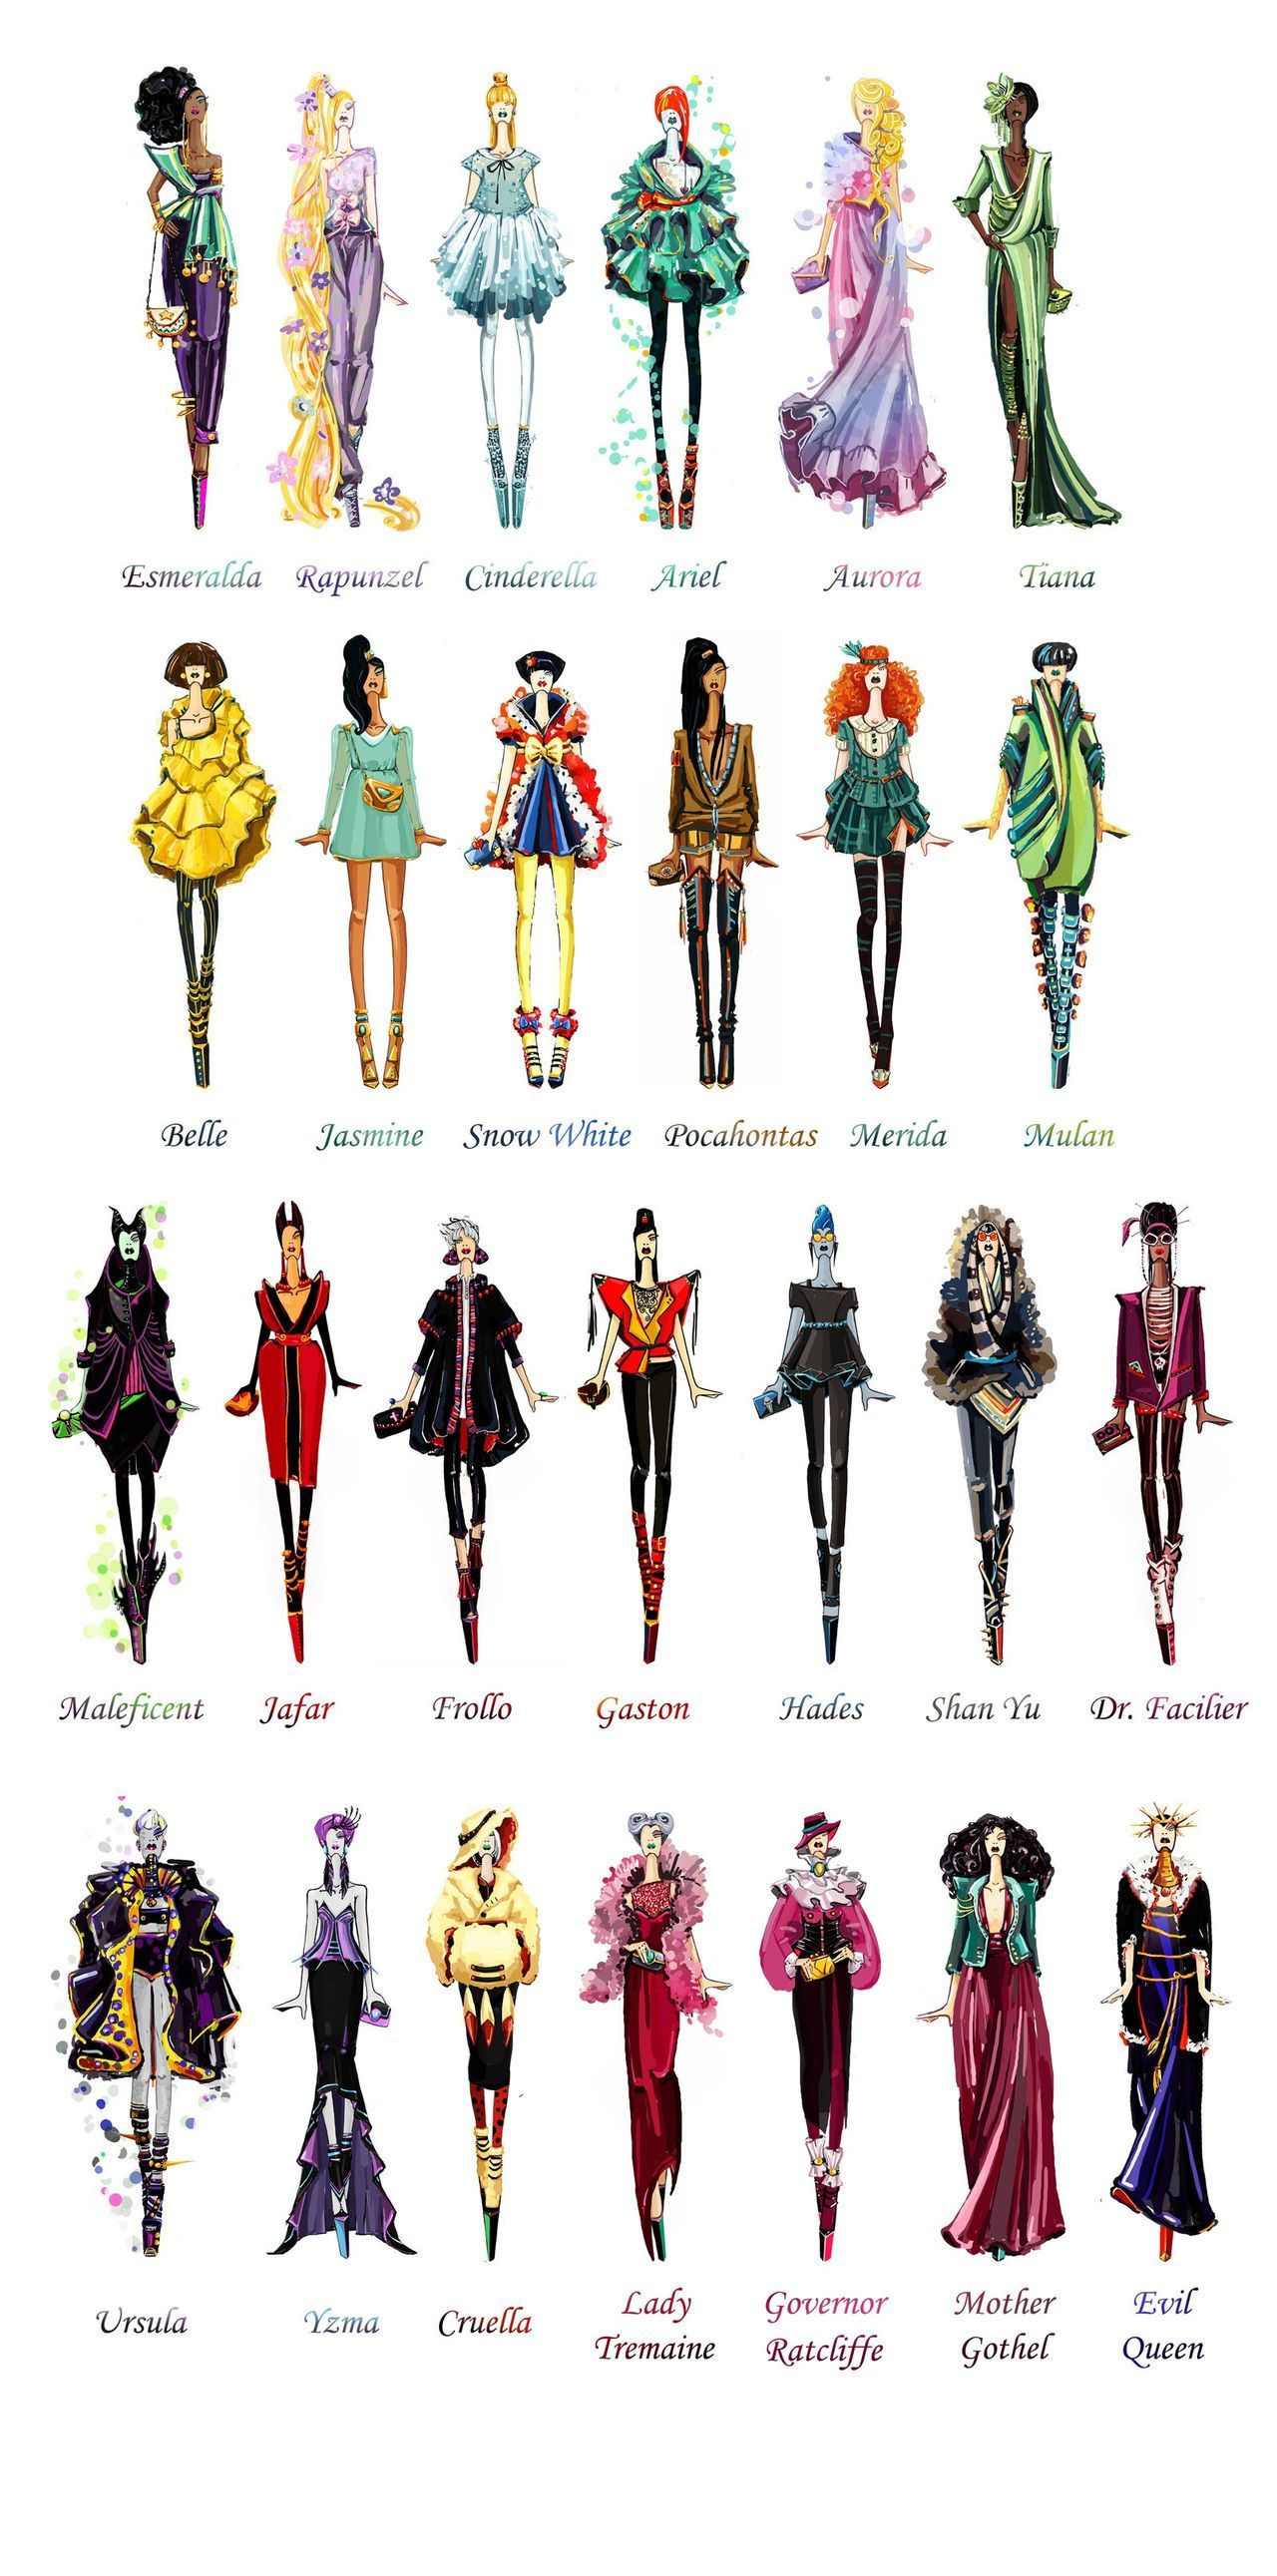 ディズニープリンセスと悪役の魔女がスーパーモデルだったら